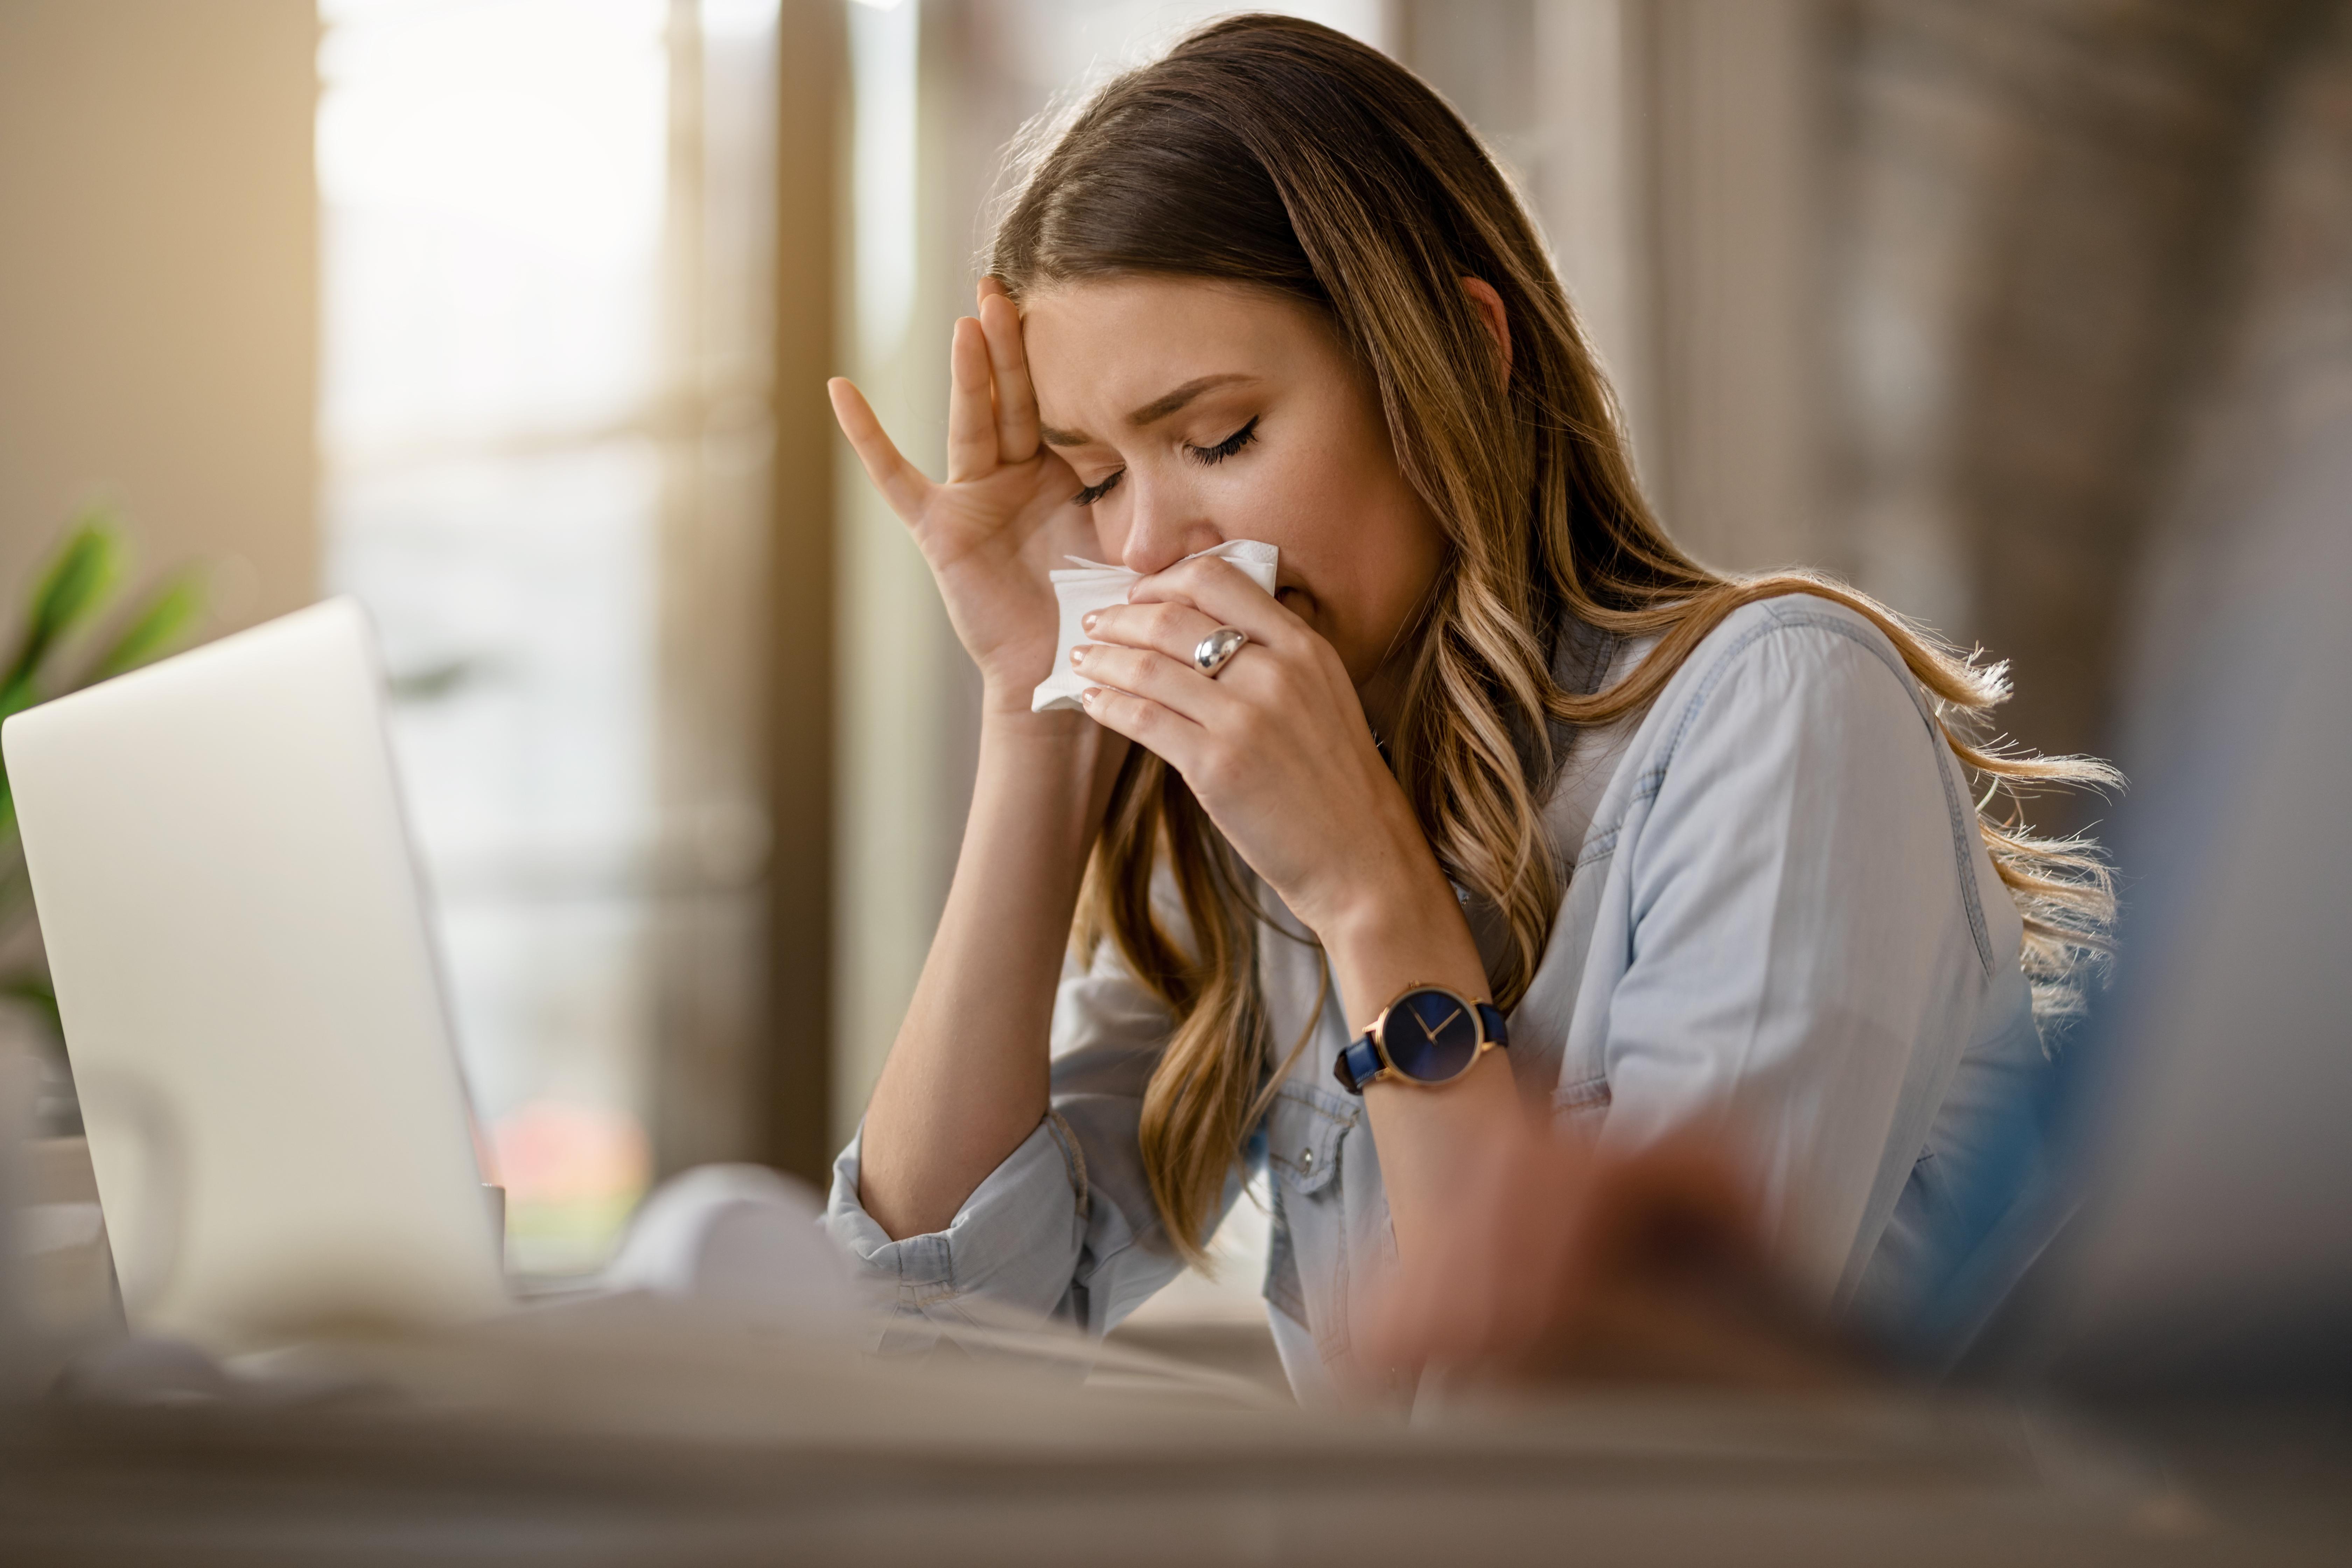 <p>Да информирате, че сте болни Шефовете рядко вярват на служителите си, че са болни. Това се случва най-вече защото има много хора, които злоупотребяват с влошеното си здравословно състояние. Въпреки това, когато наистина се разболеете, няма нищо лошо в това да си вземете болничен, защото в крайна сметка говорим за вашето здраве. Освен това, ако продължите да работите, докато сте болни, е много възможно да не сте достатъчно продуктивни.</p>